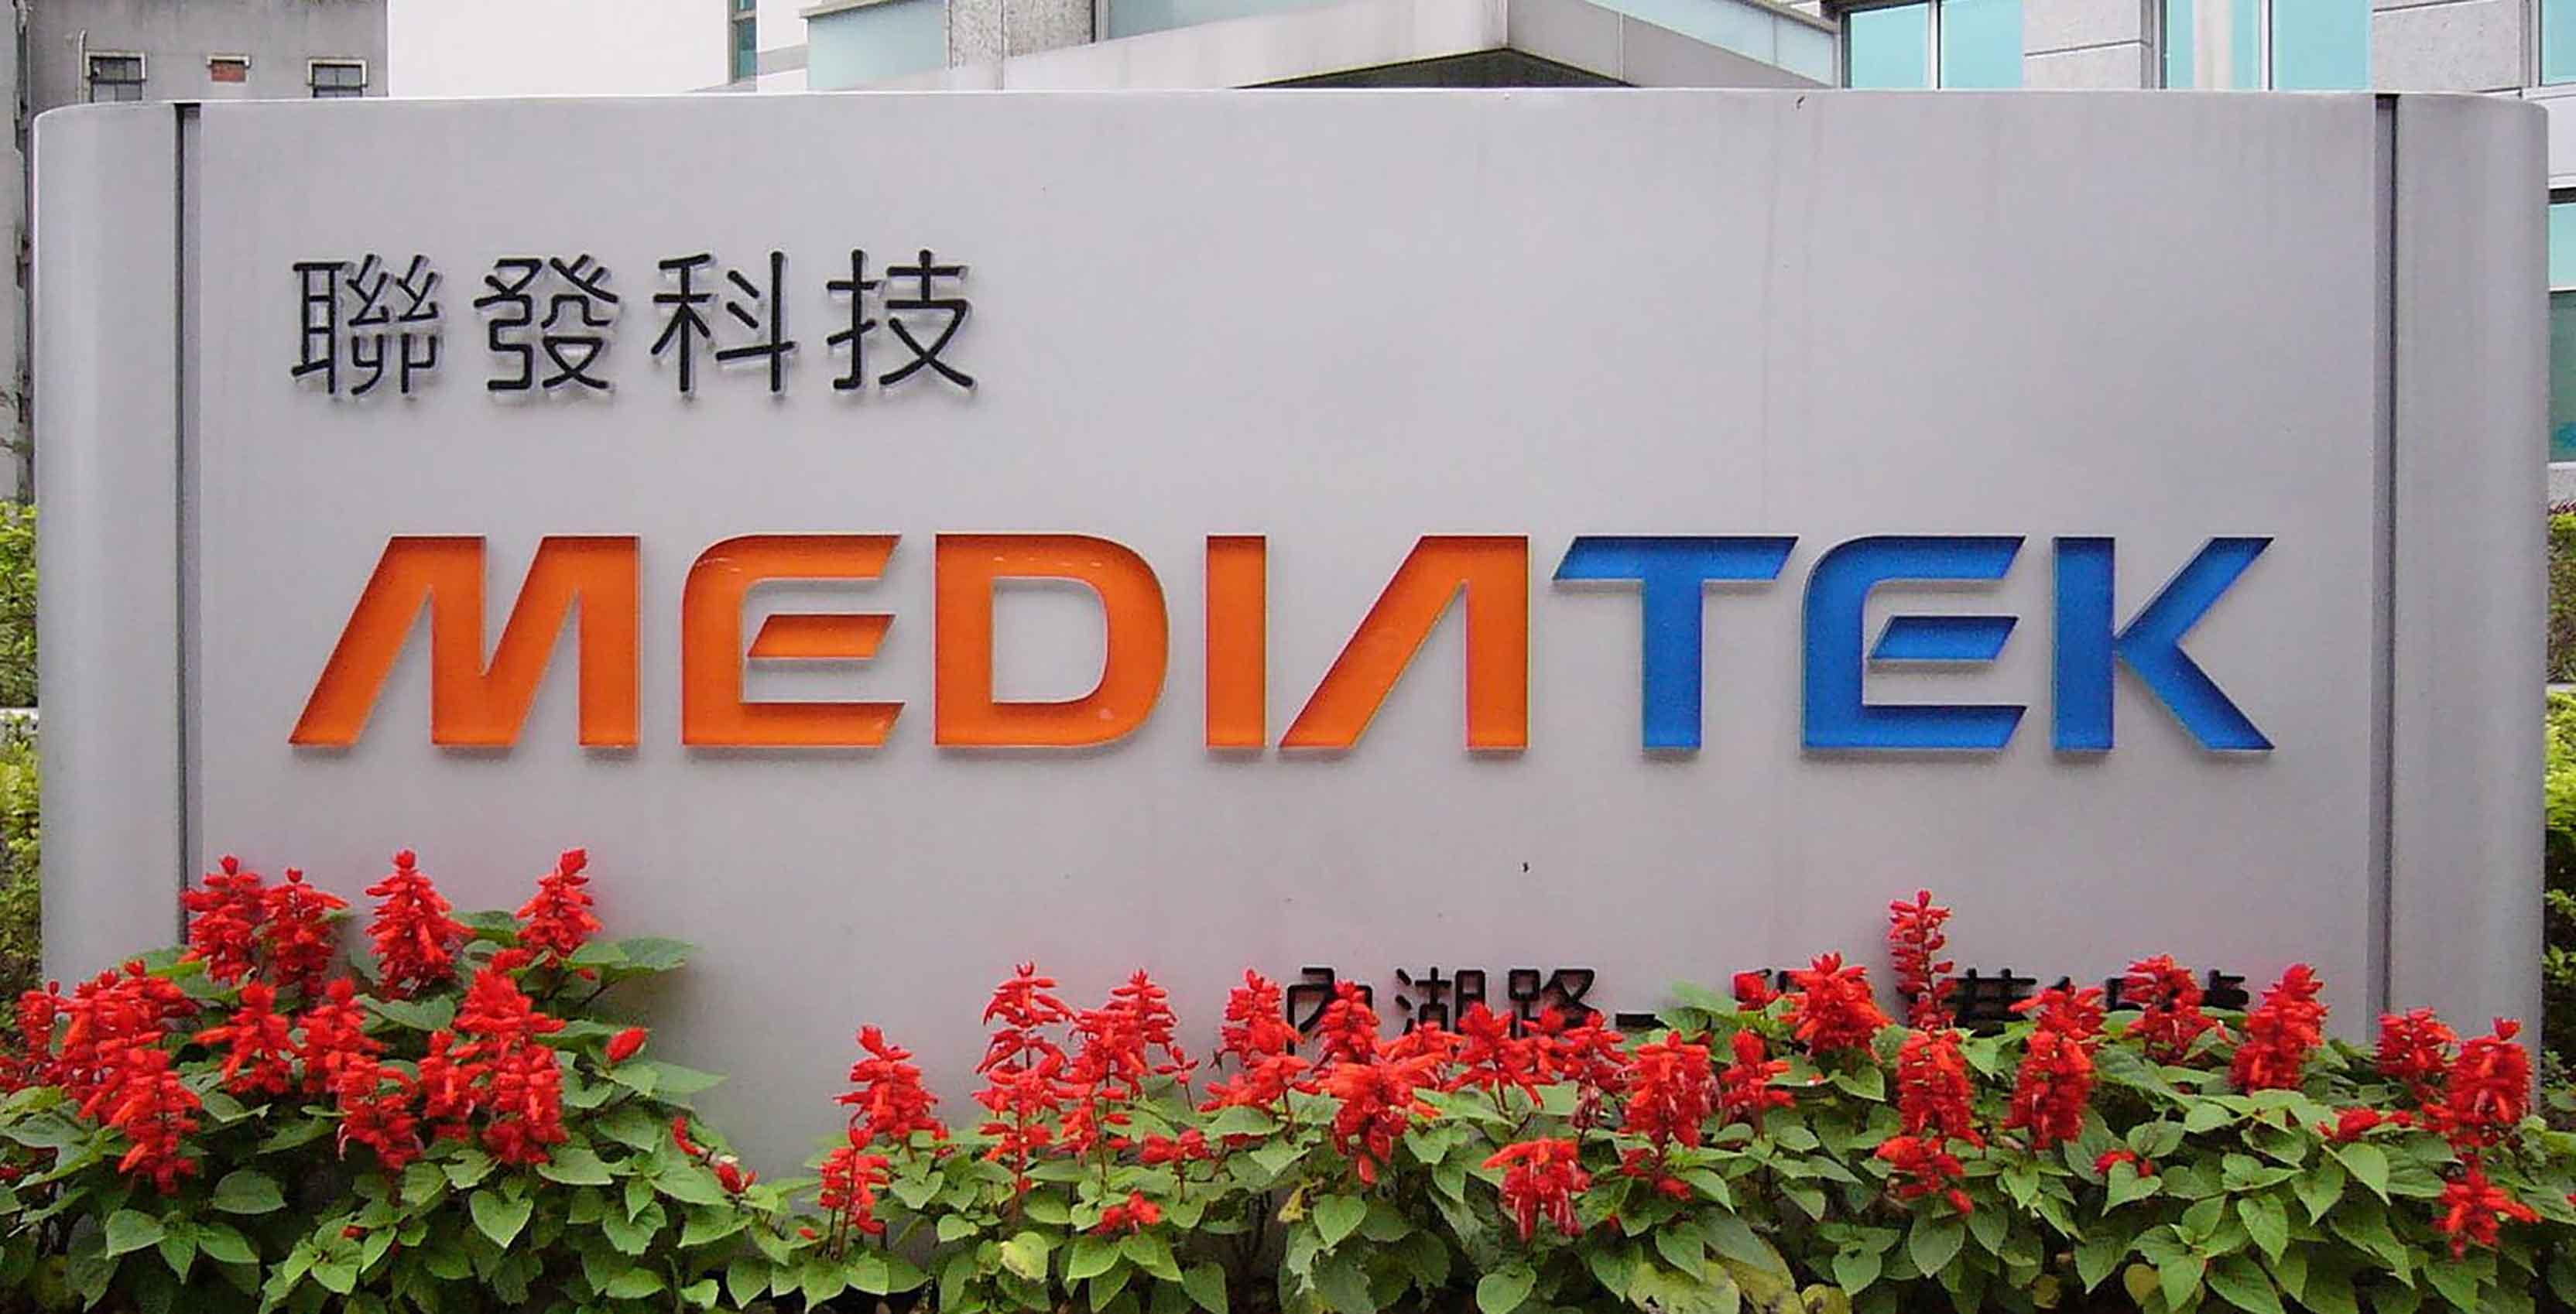 MediaTek sign